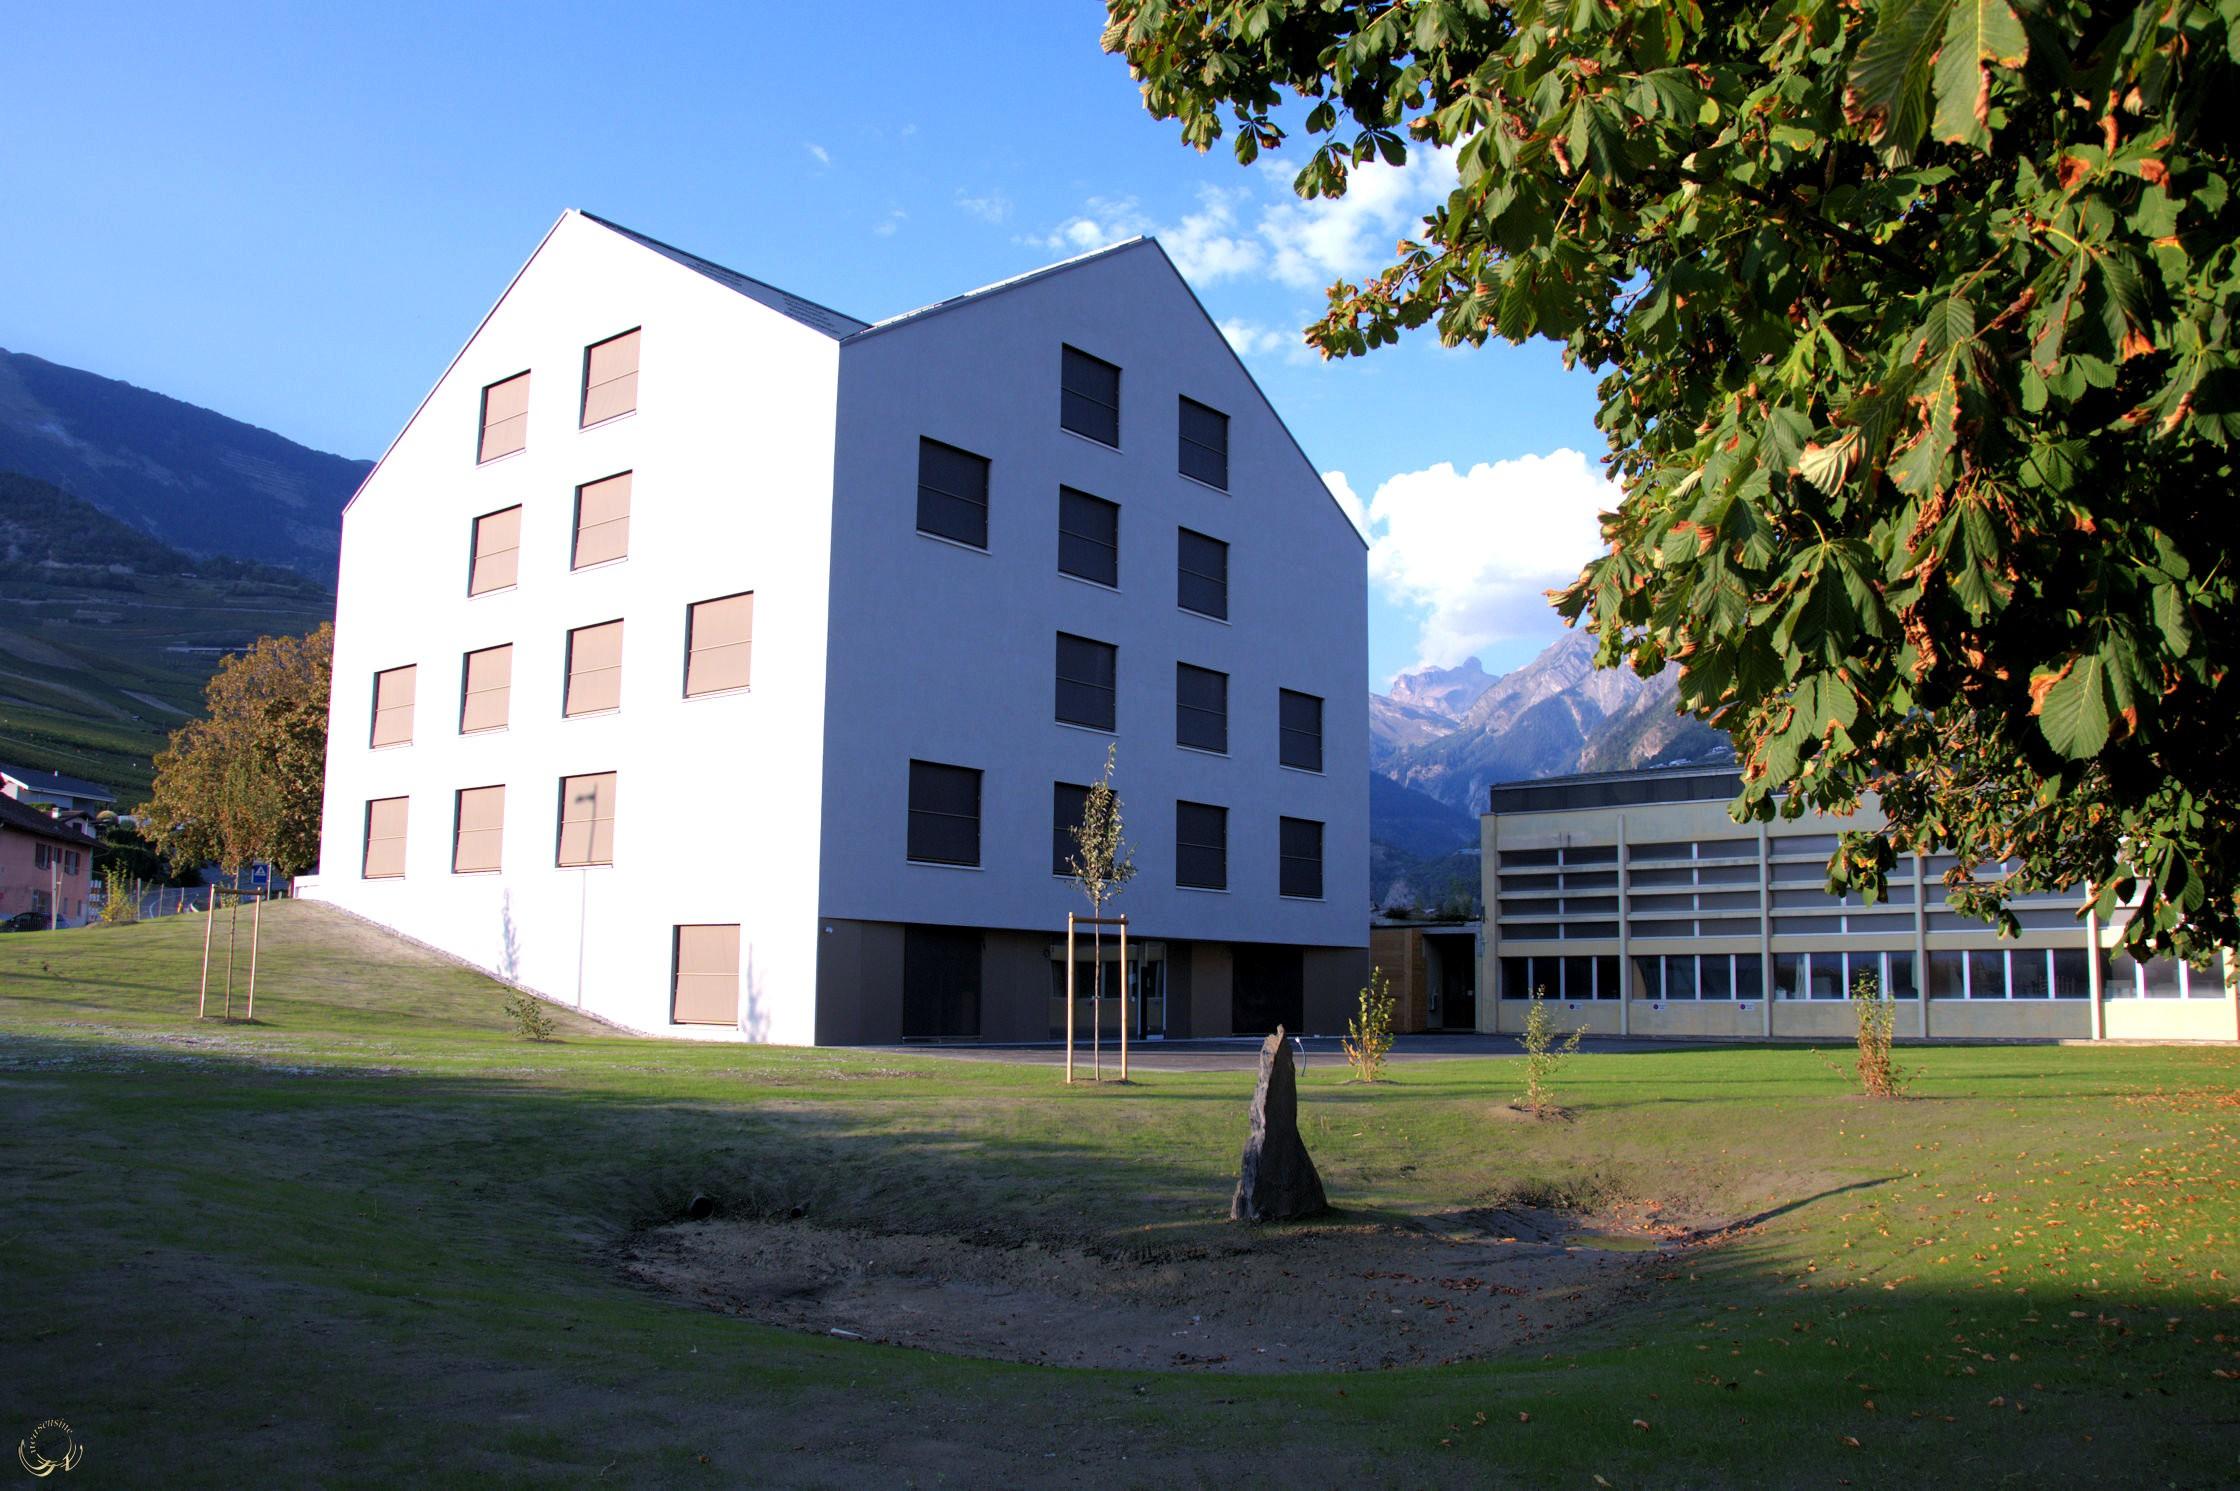 Nouveau bâtiment communal de Conthey